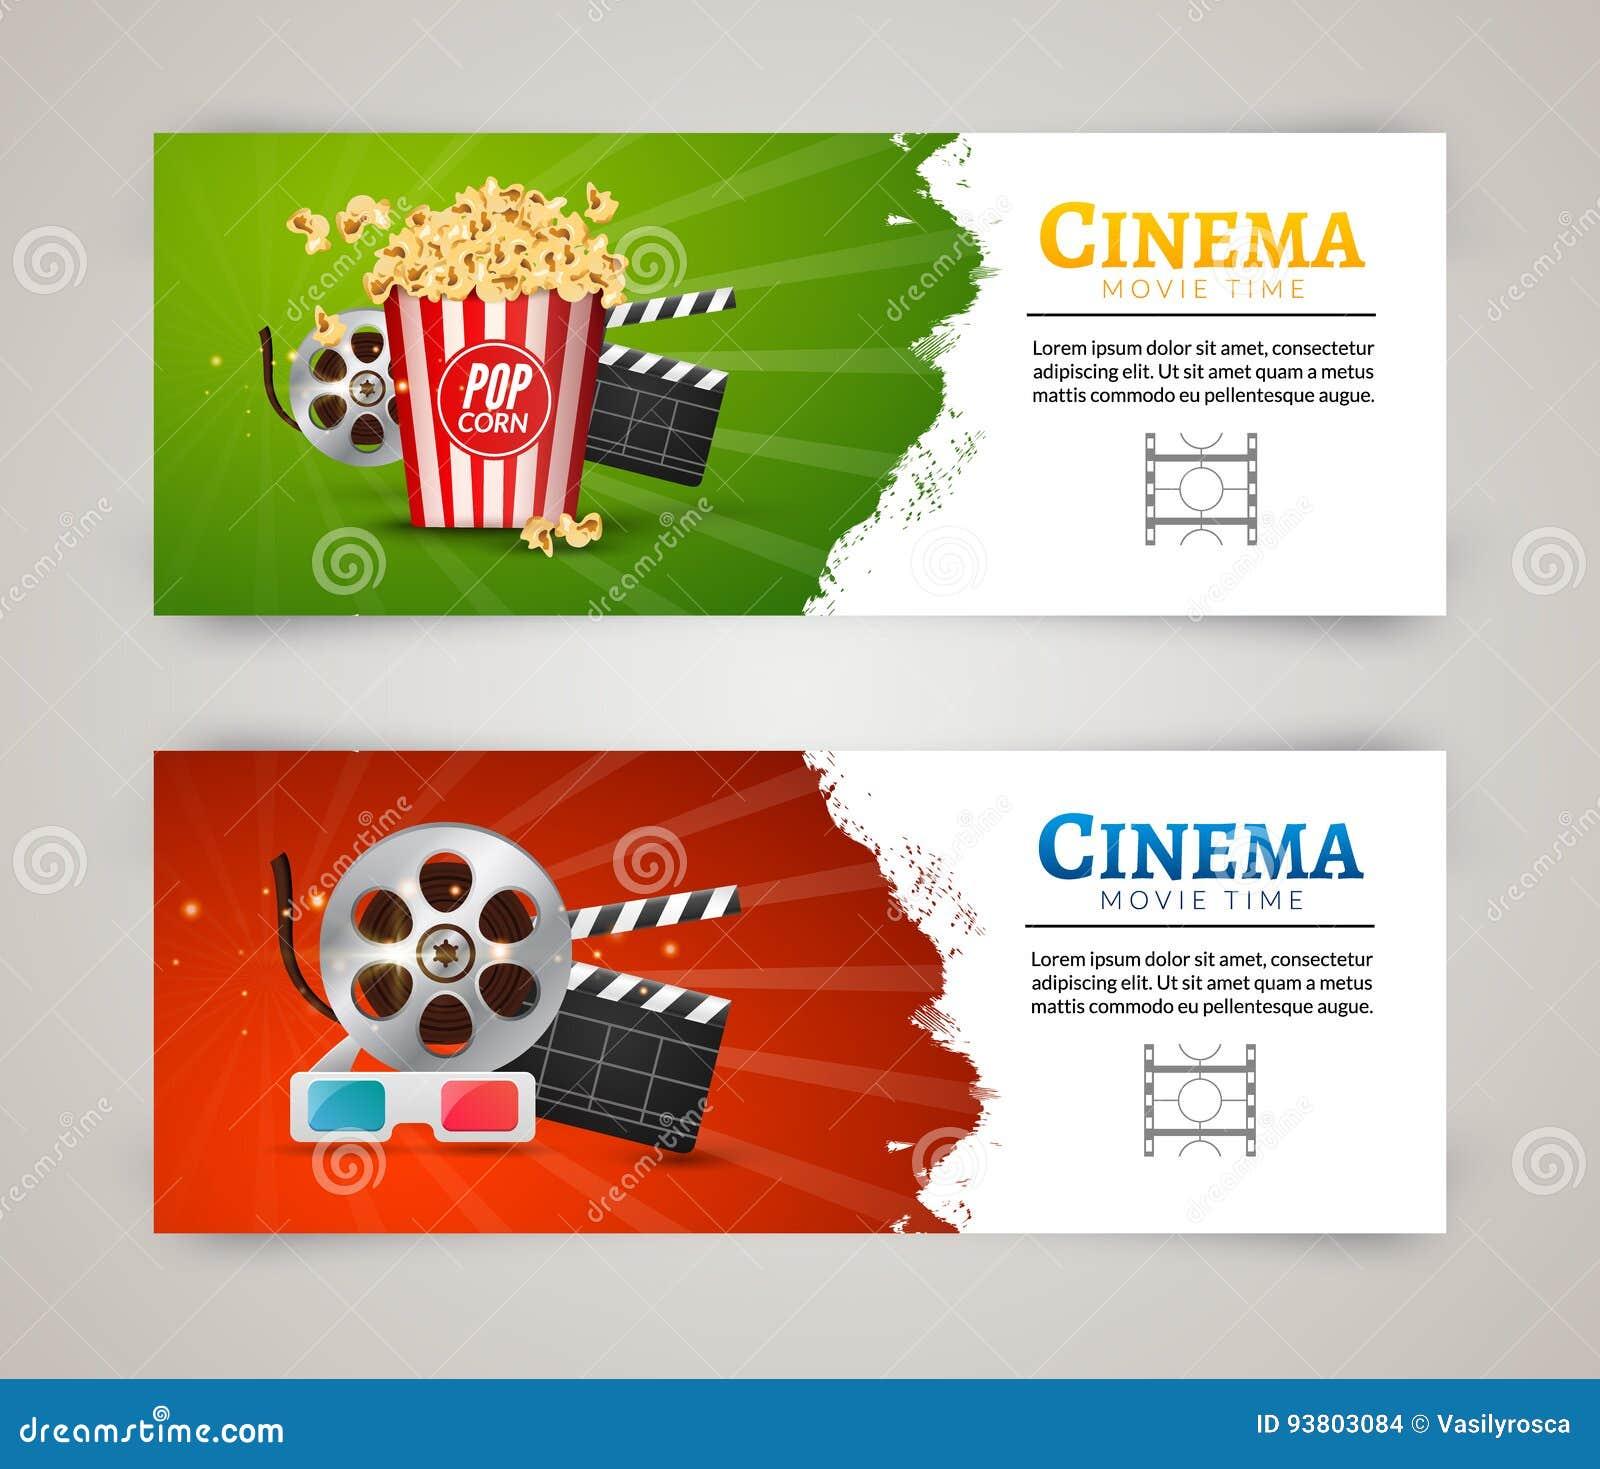 Mall för design för affisch för biofilmbaner Filmclapper, 3D exponeringsglas, popcorn Biobanerorientering